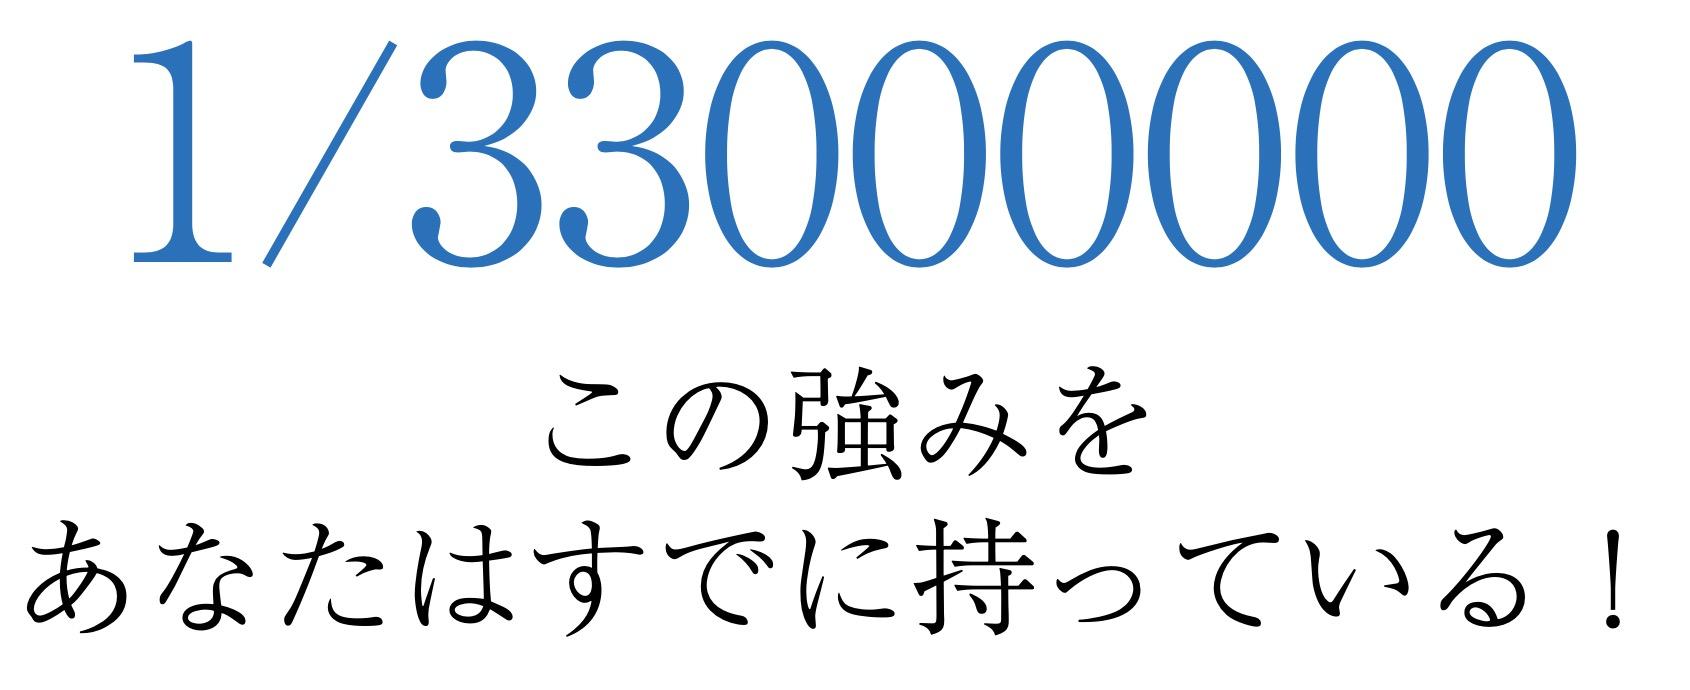 1/3300万の強み